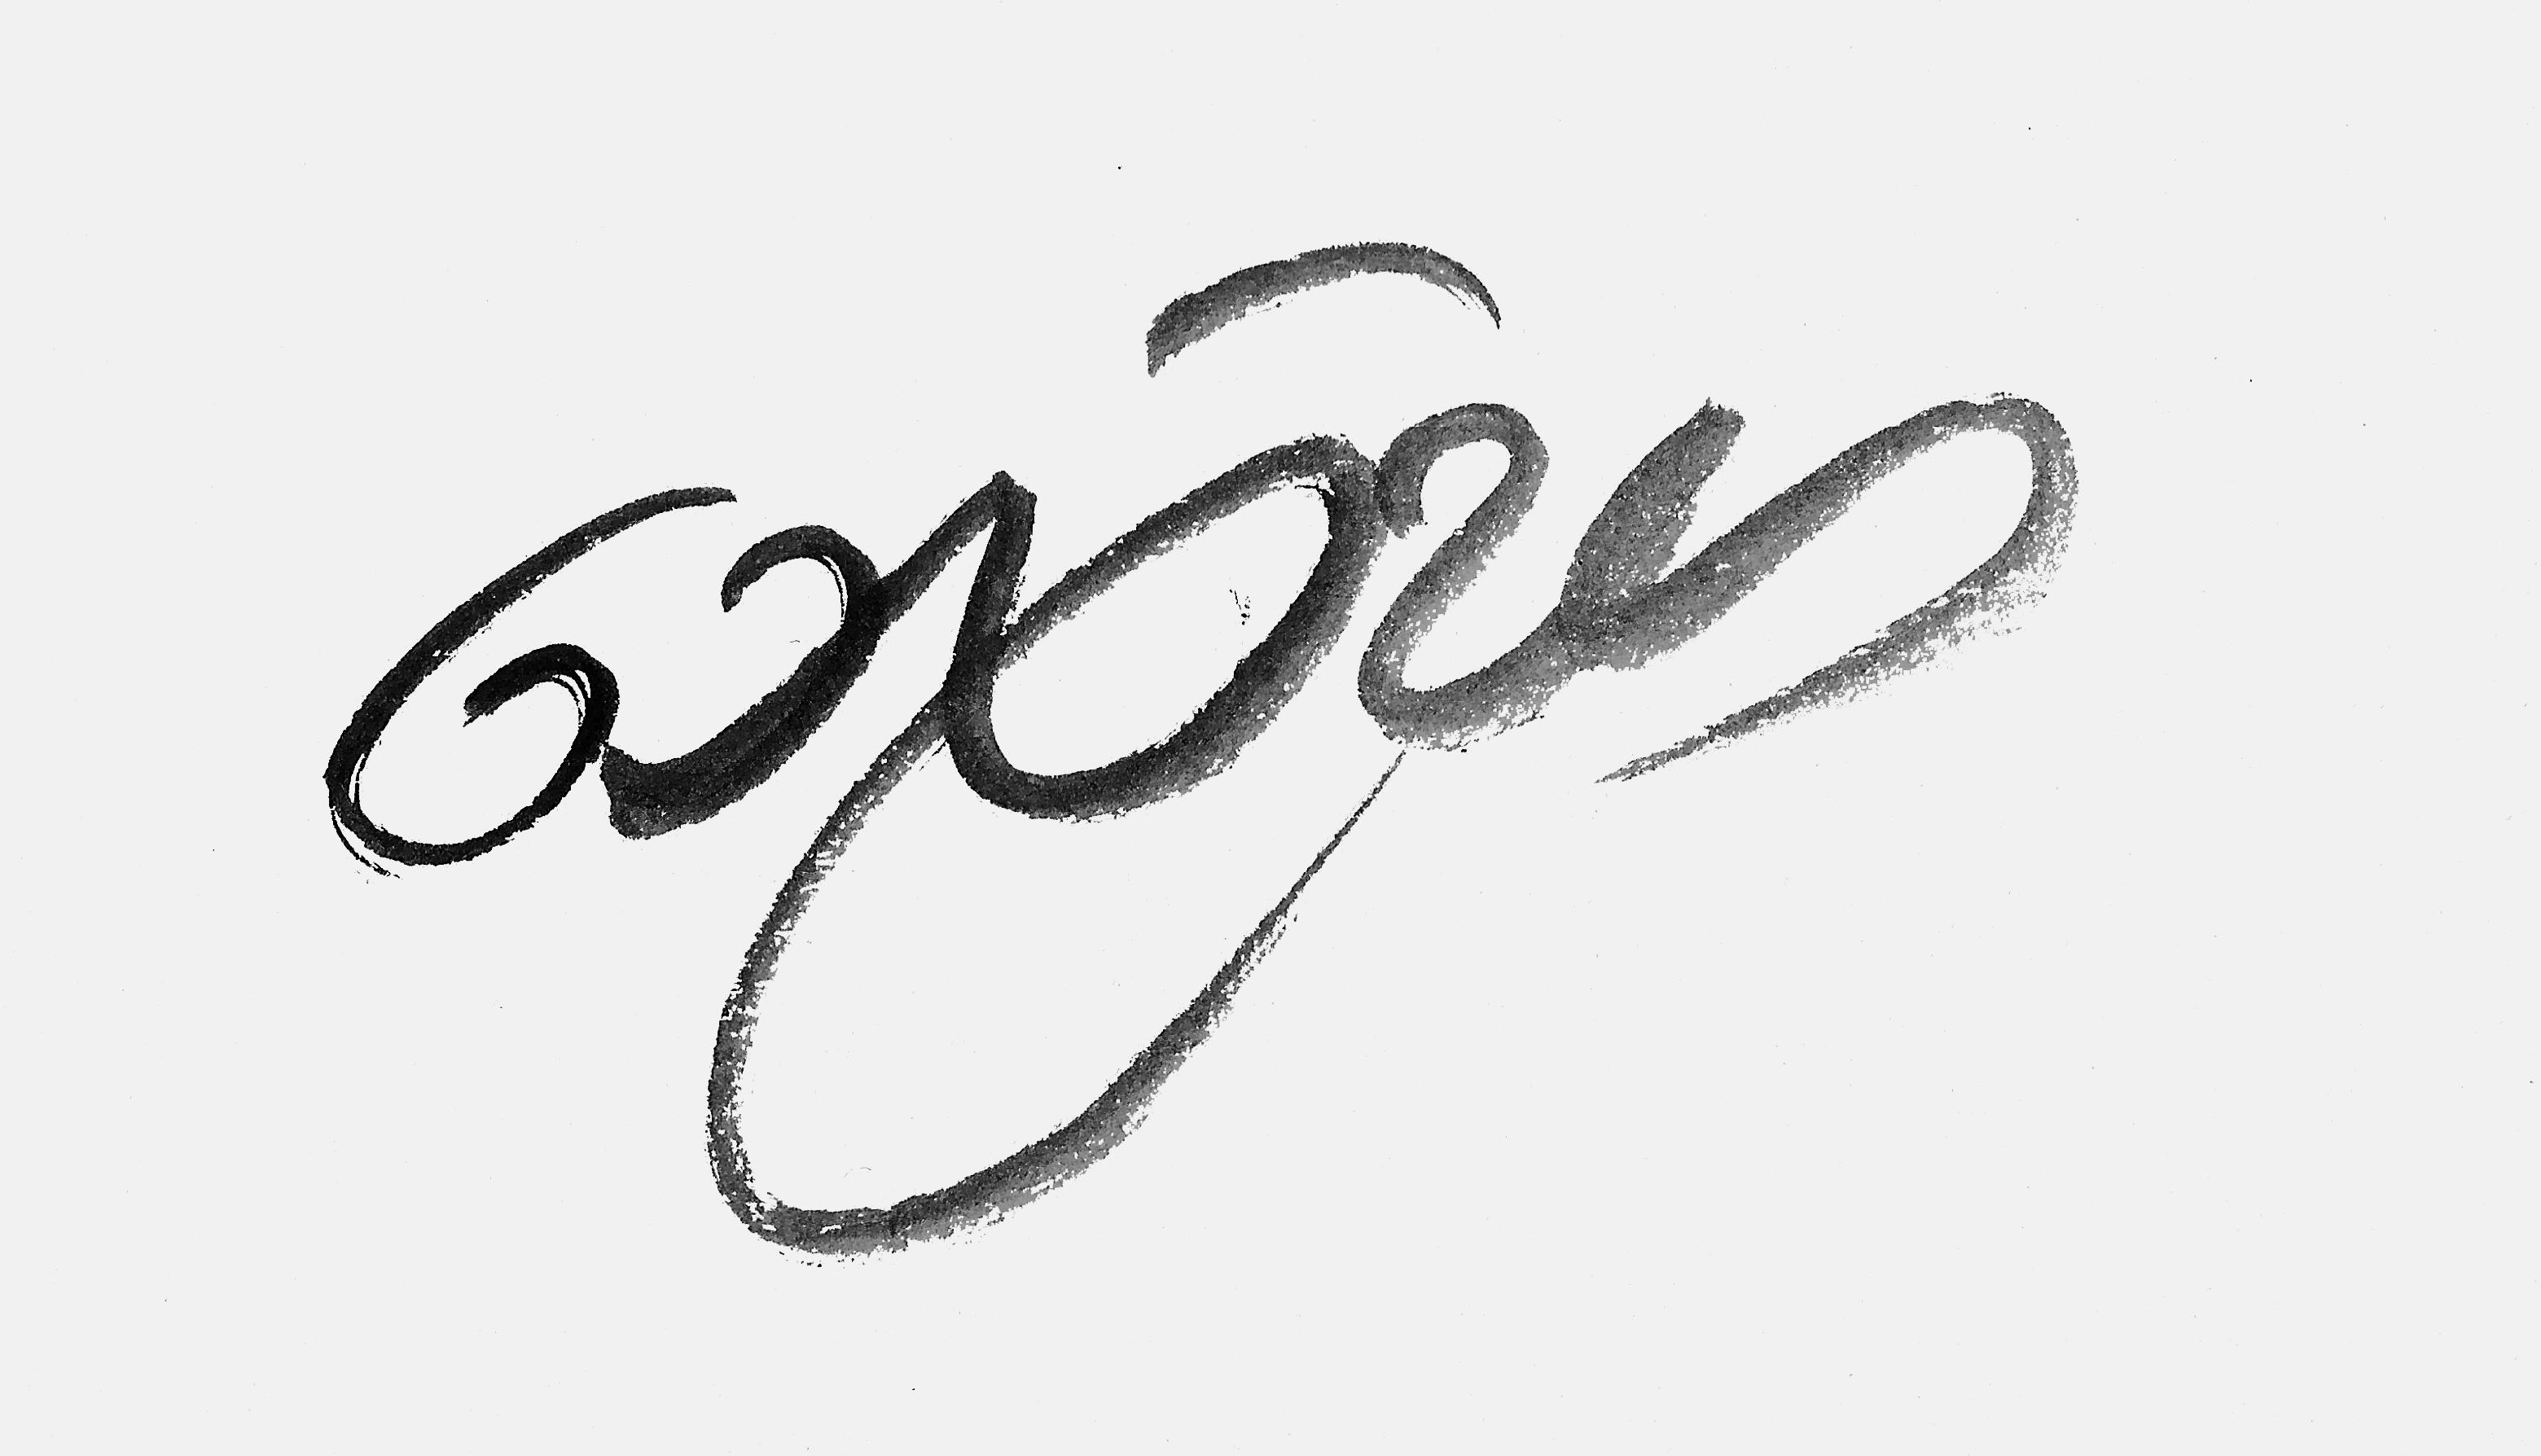 Neleisha Weerasinghe's Signature